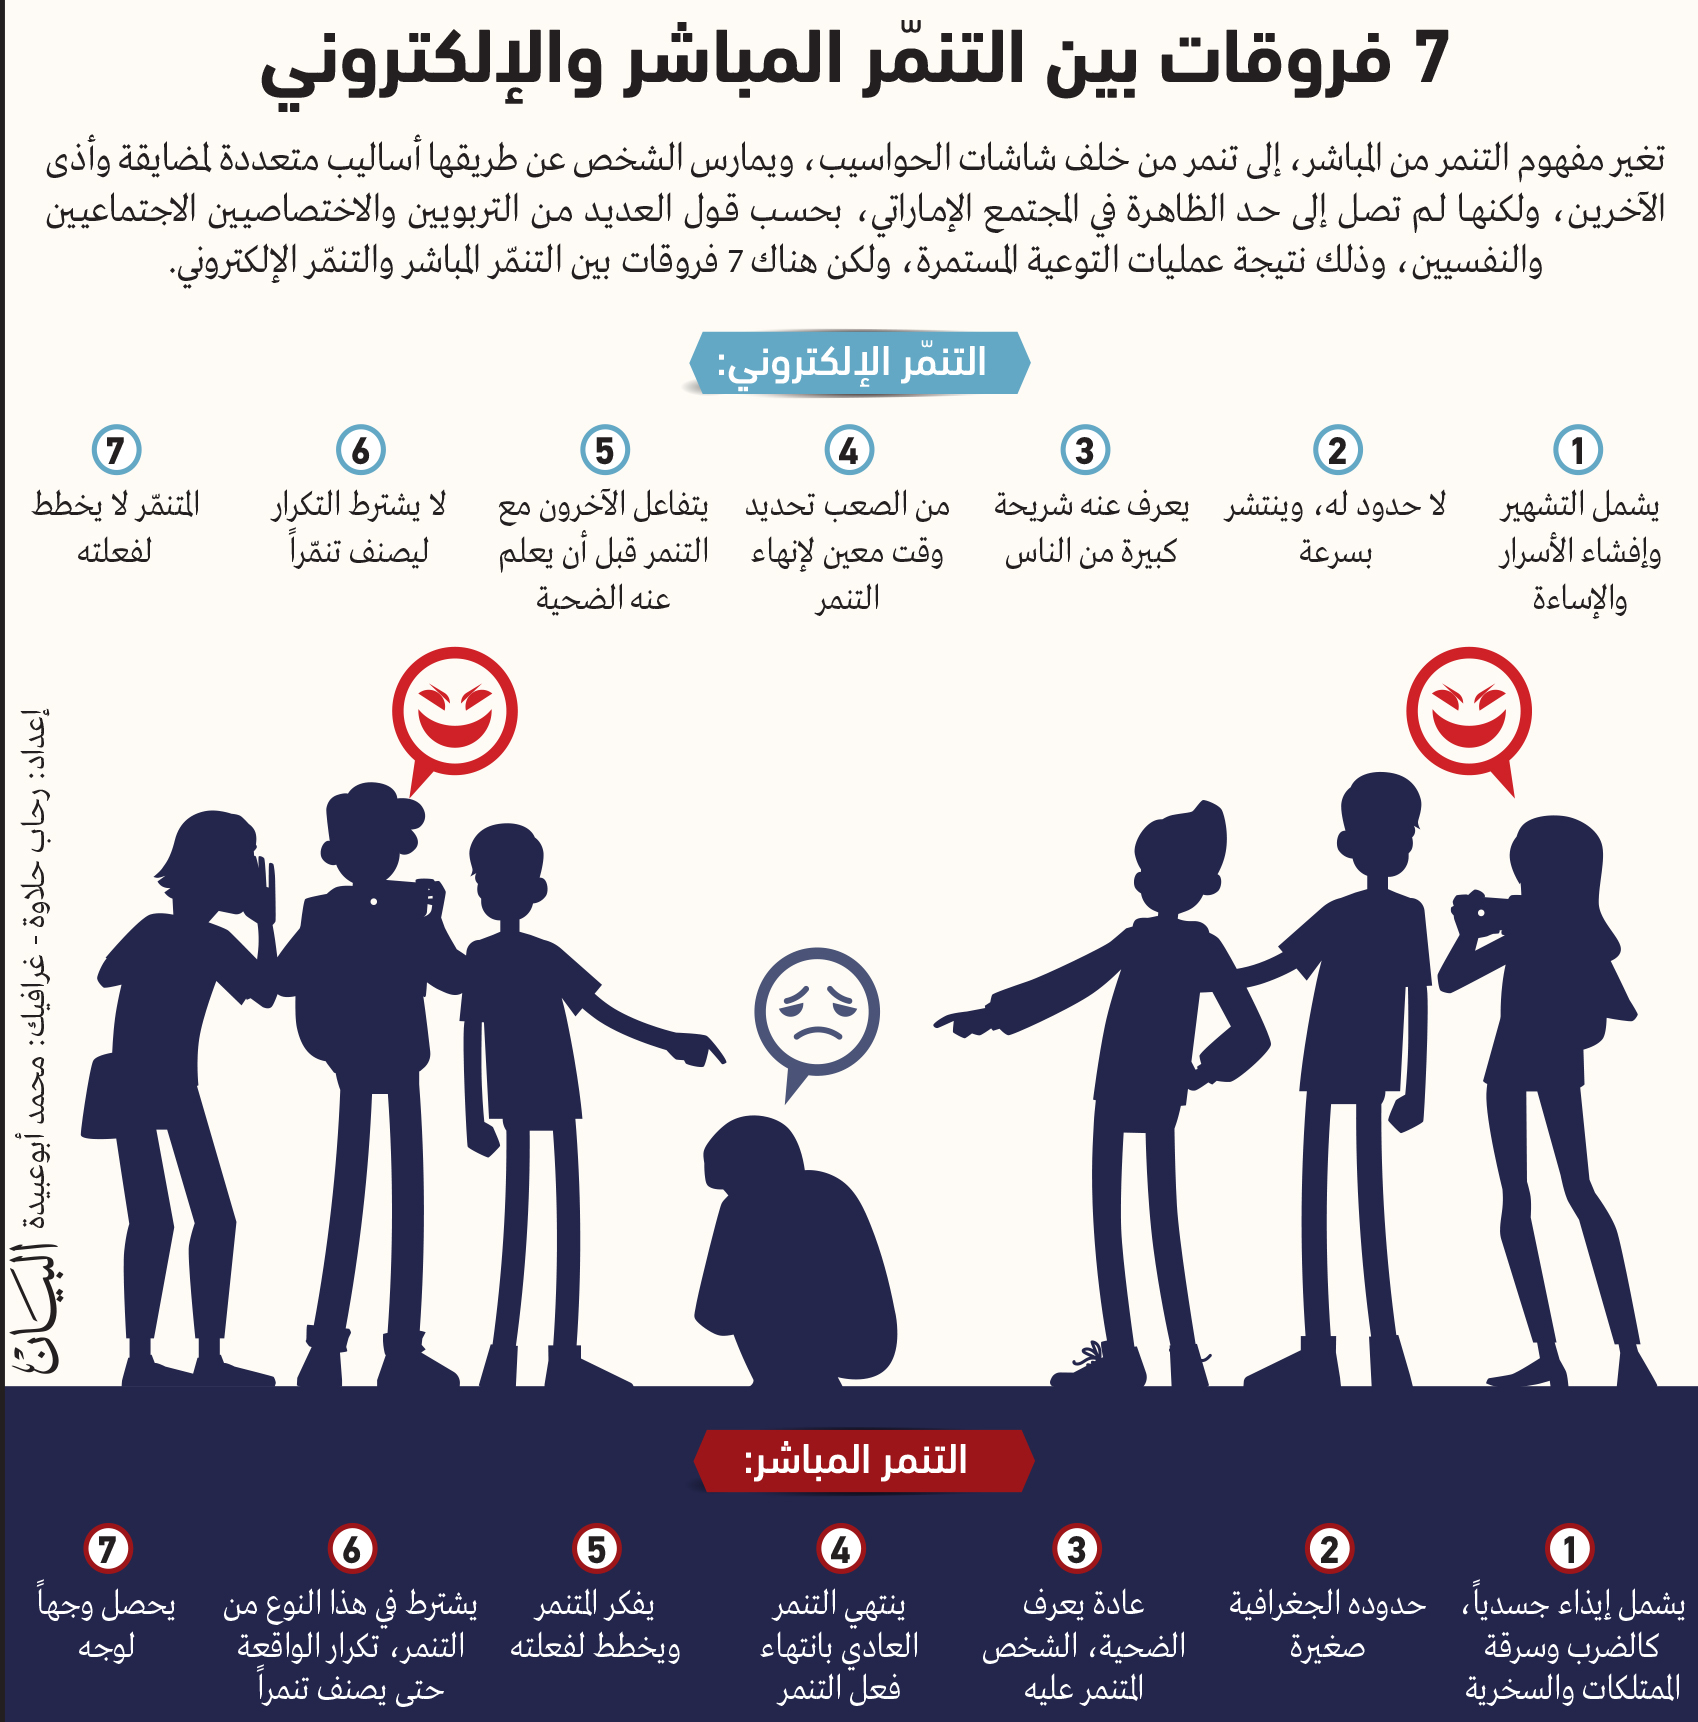 5 دوافع للتنمر الإلكتروني بين الطلبة عبر الإمارات أخبار وتقارير البيان